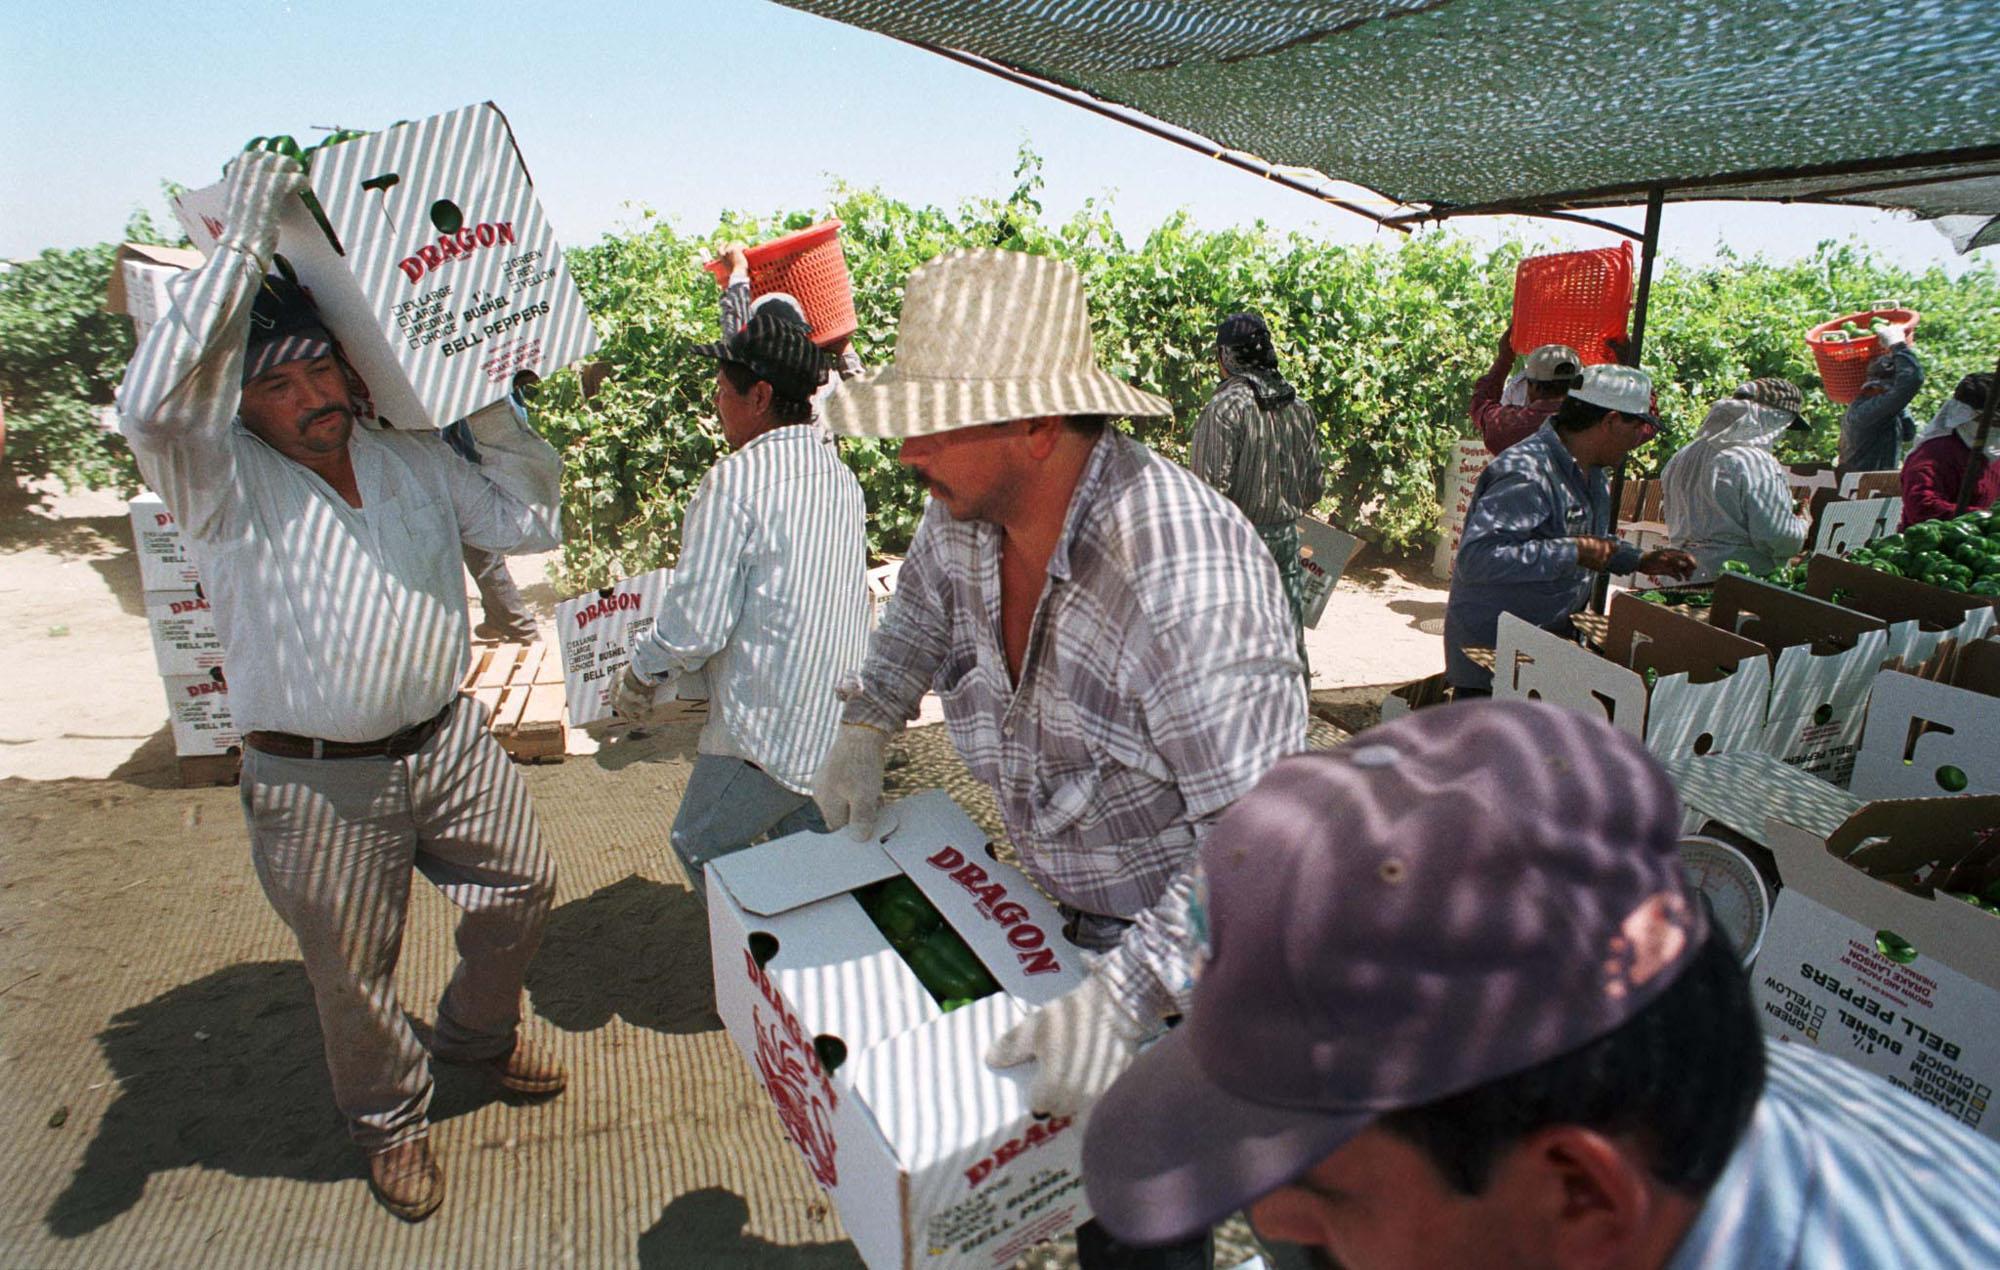 inmigrantes-estados-unidos-campo-agricultura-foto-13-mayo-1999